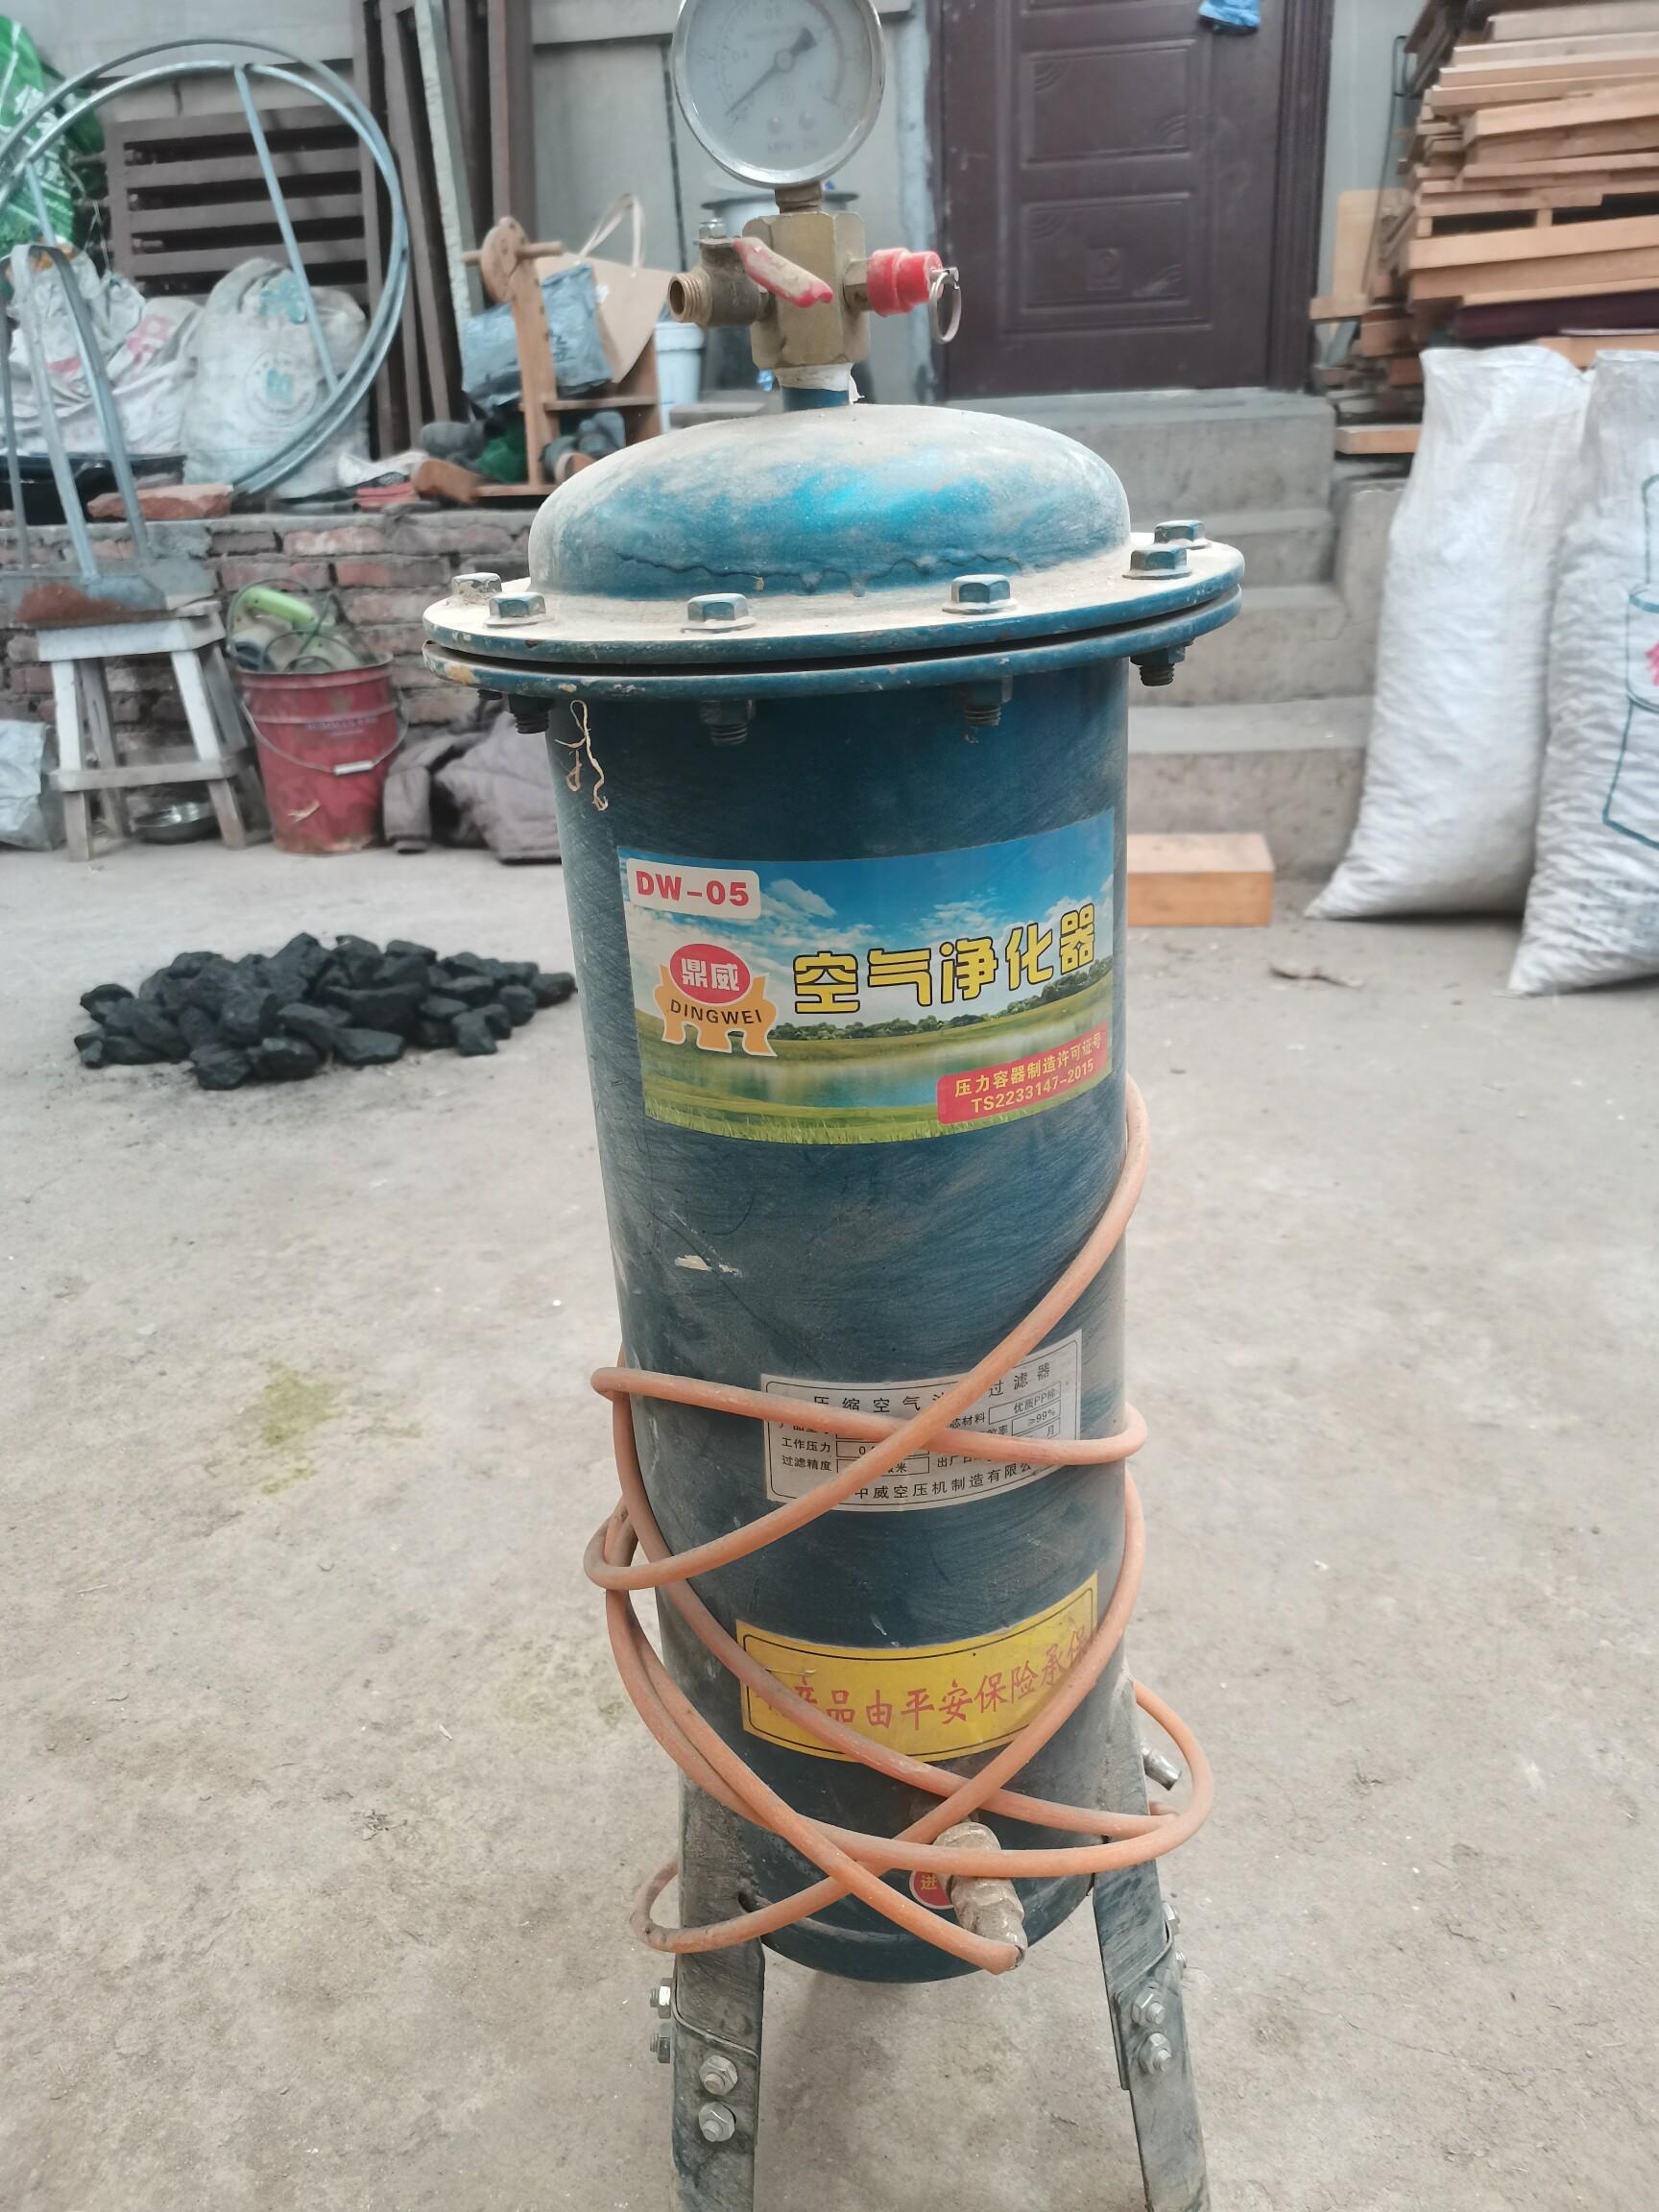 空气净化器,喷漆用的!过滤粉尘,水汽!买时480,现在100